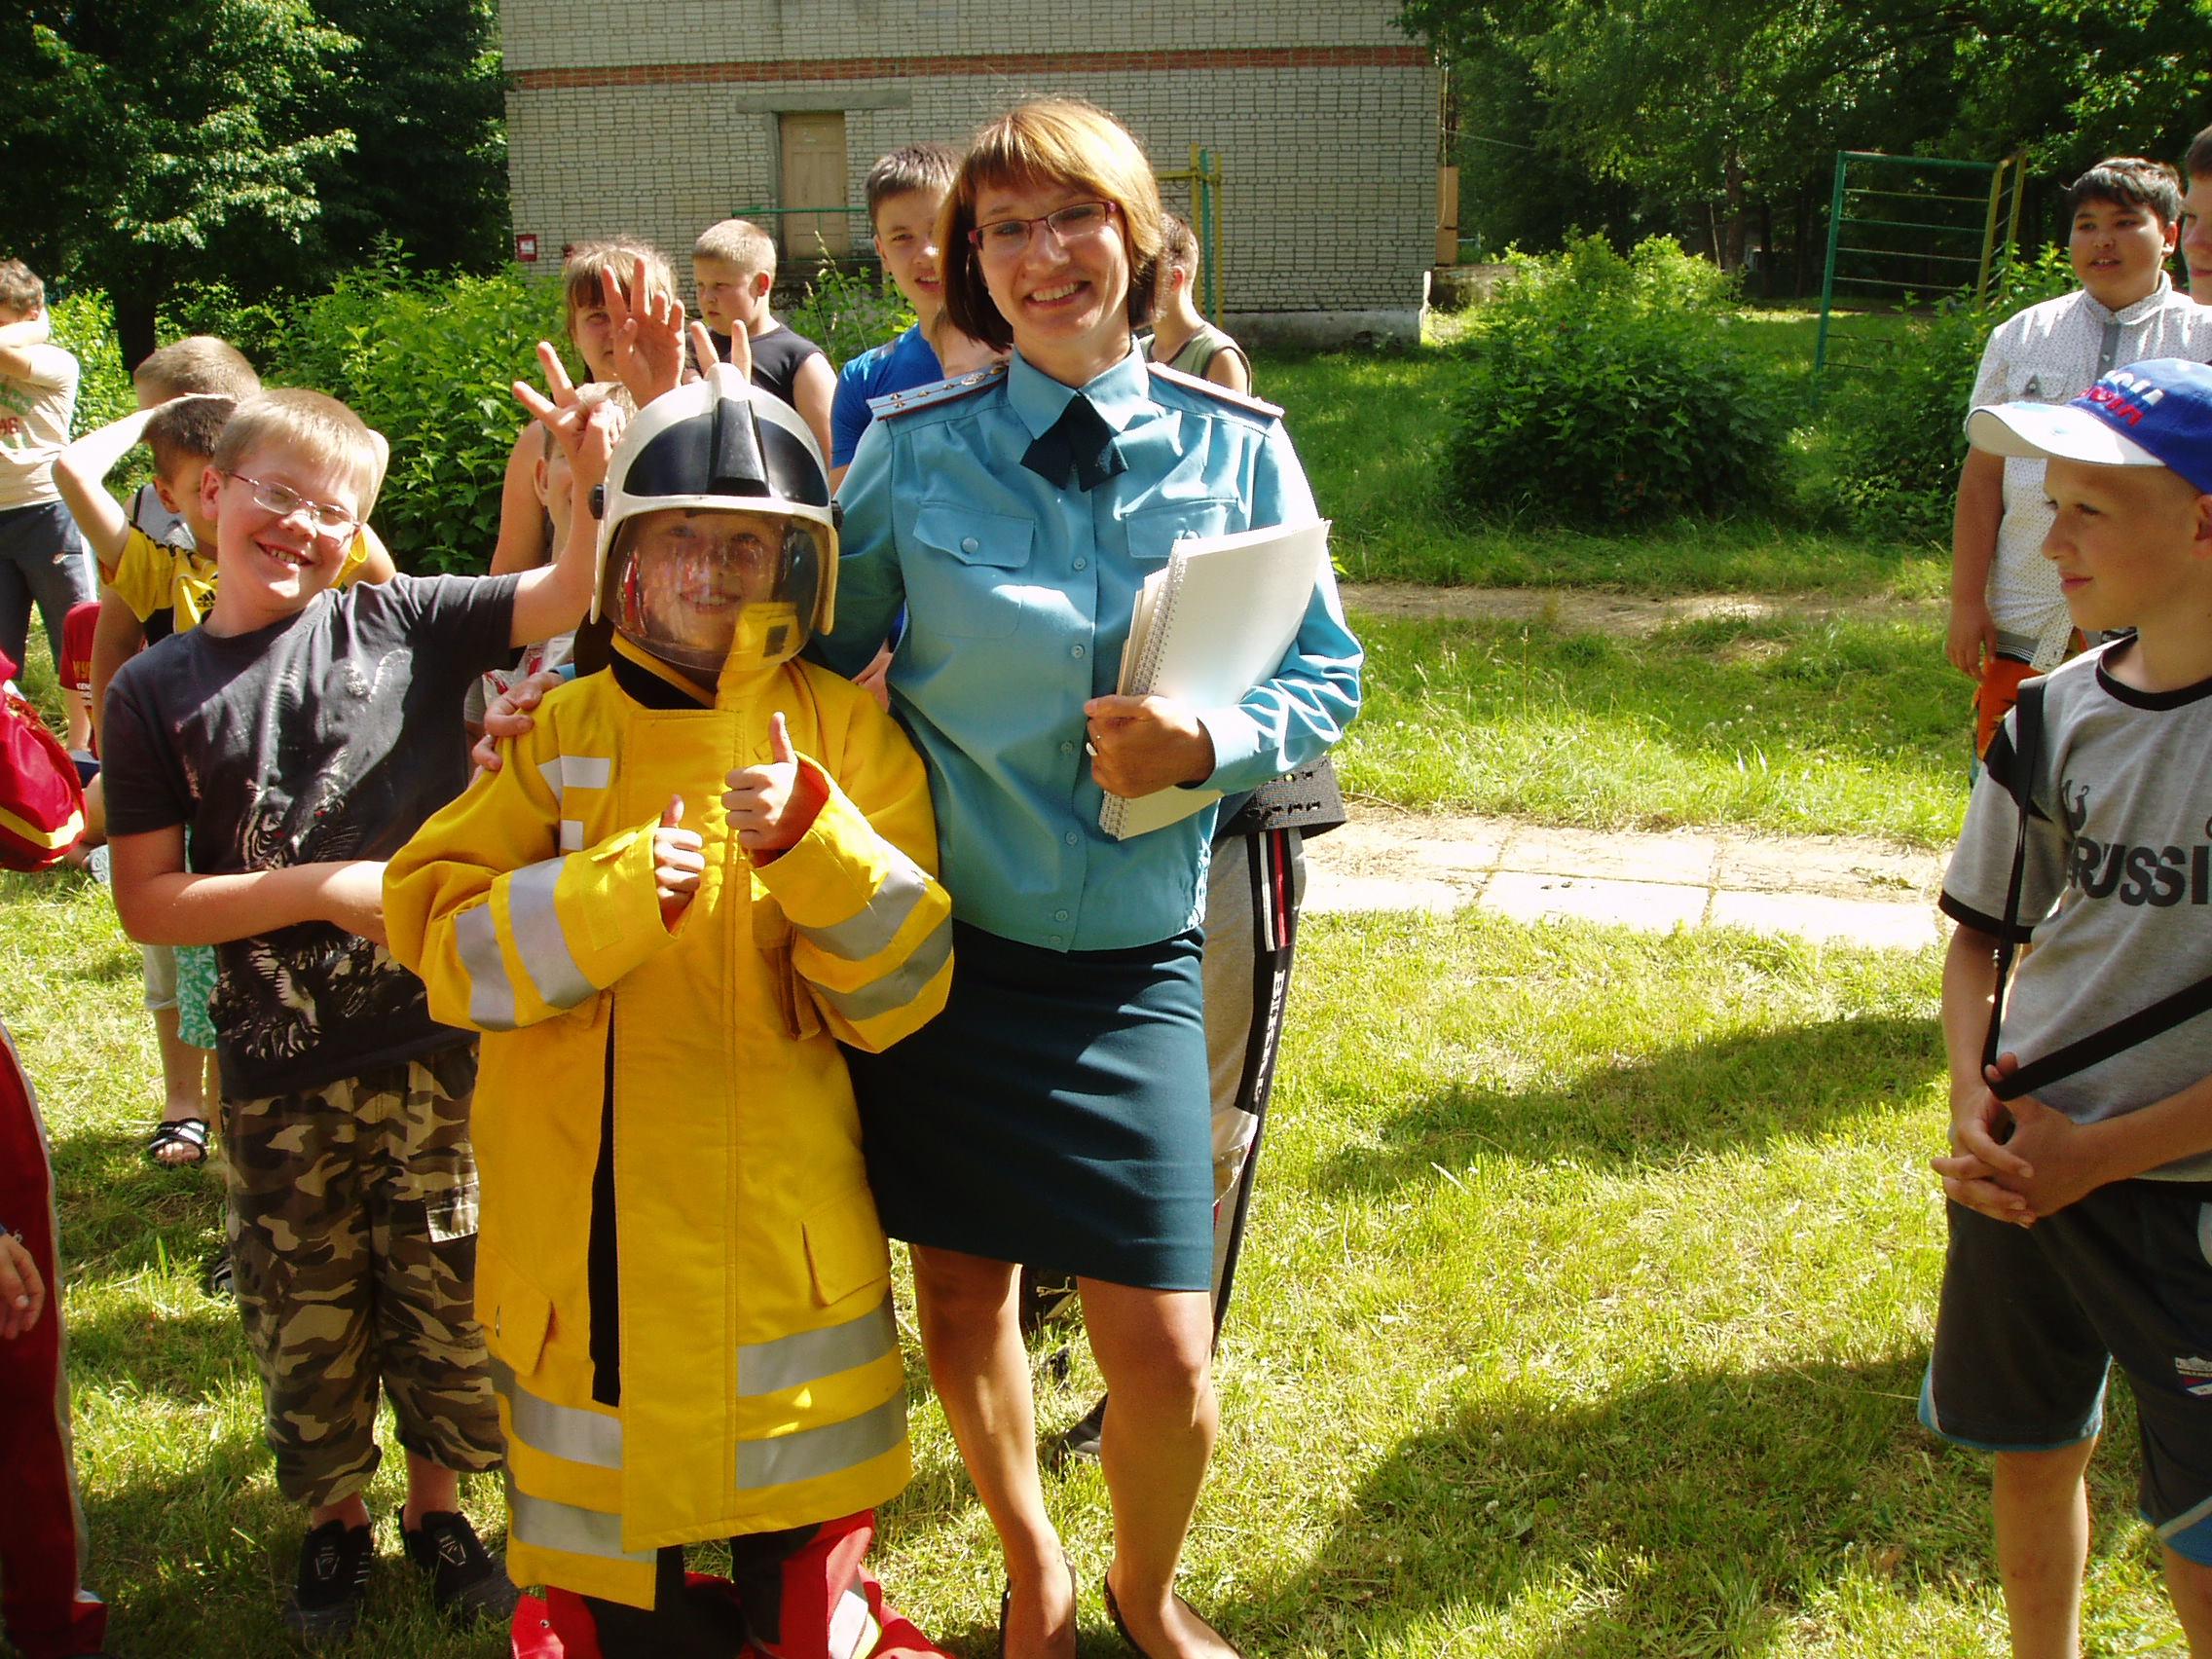 Сотрудники МЧС Орехово-Зуевского района знакомят детей с правилами пожарной безопасности